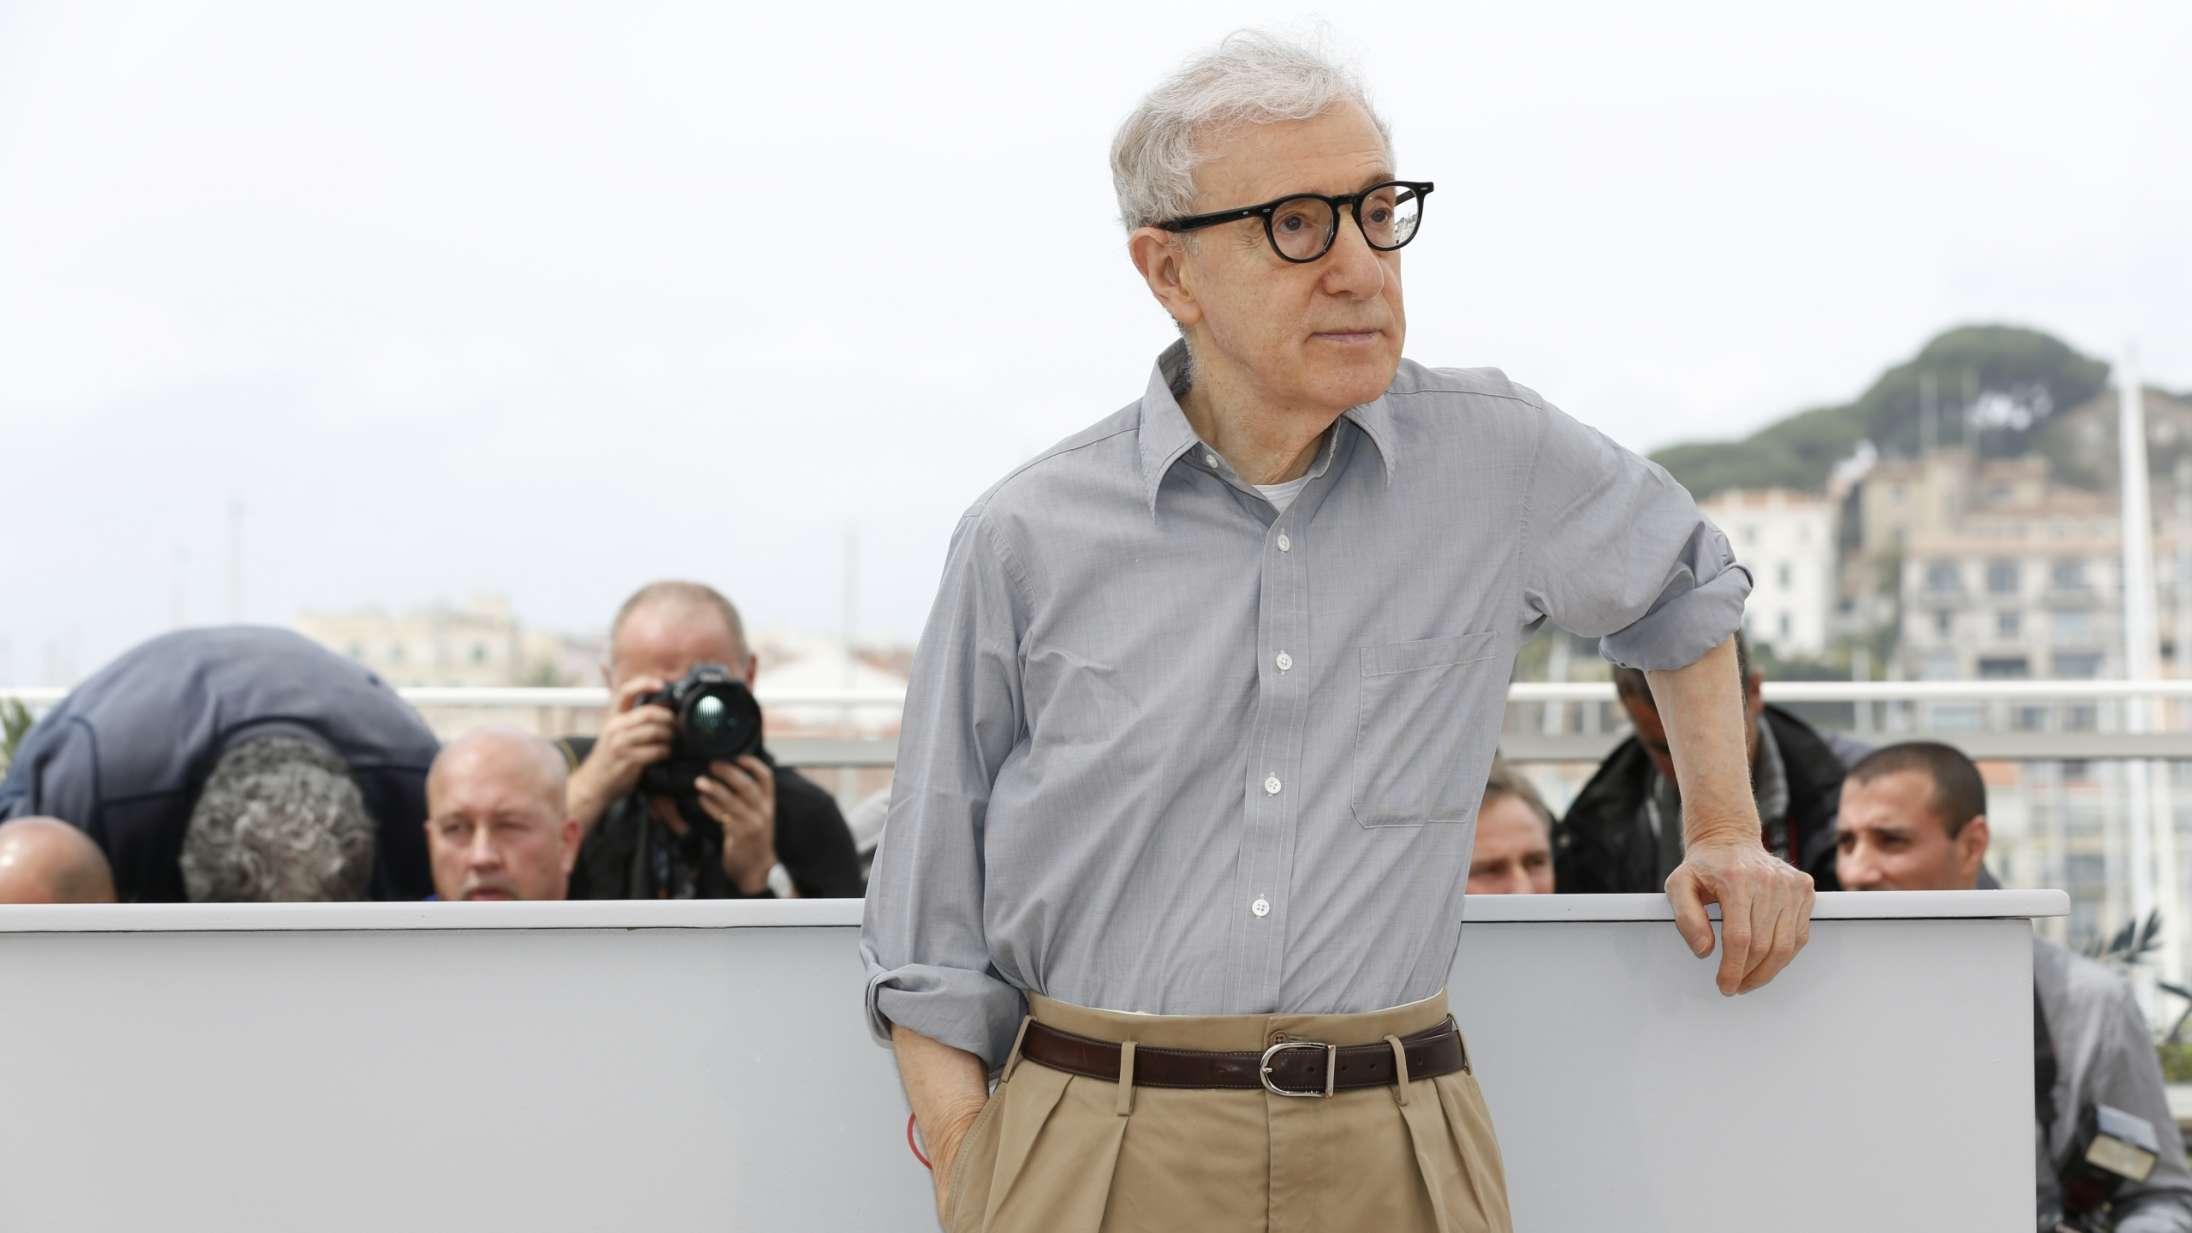 Overgrebsanklagen mod Woody Allen genrejses i ny HBO-dokumentar – se traileren til 'Allen v. Farrow'